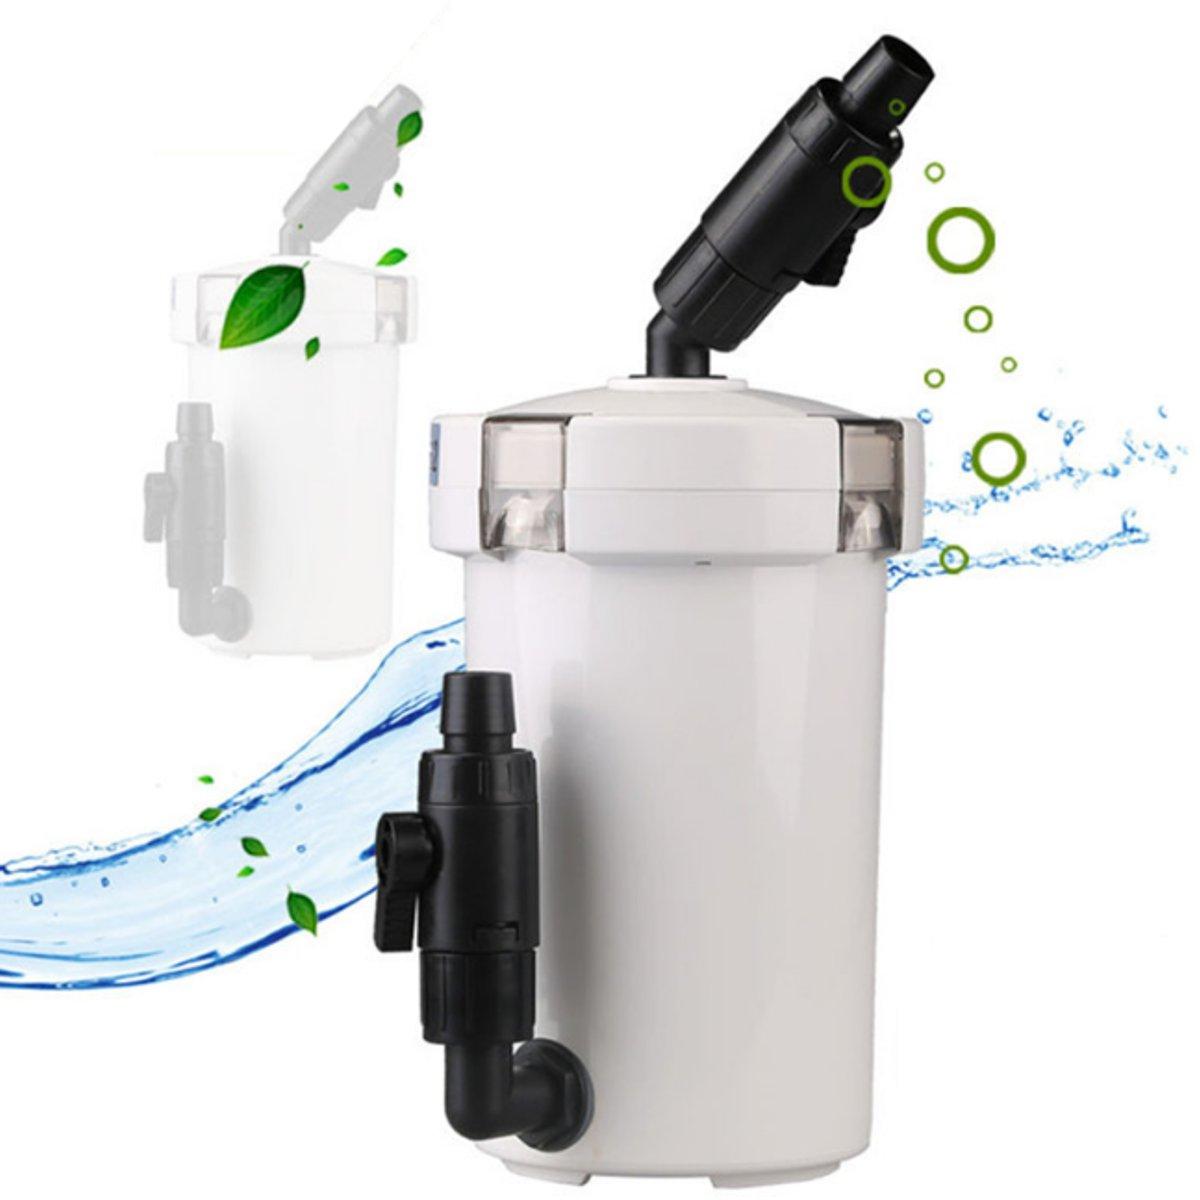 Mini Aquarium External Canister Filter Cotton Sponge Water Pump 106GPH Aquarium Fish Tank Aquatic Filter Accessories HW 602B